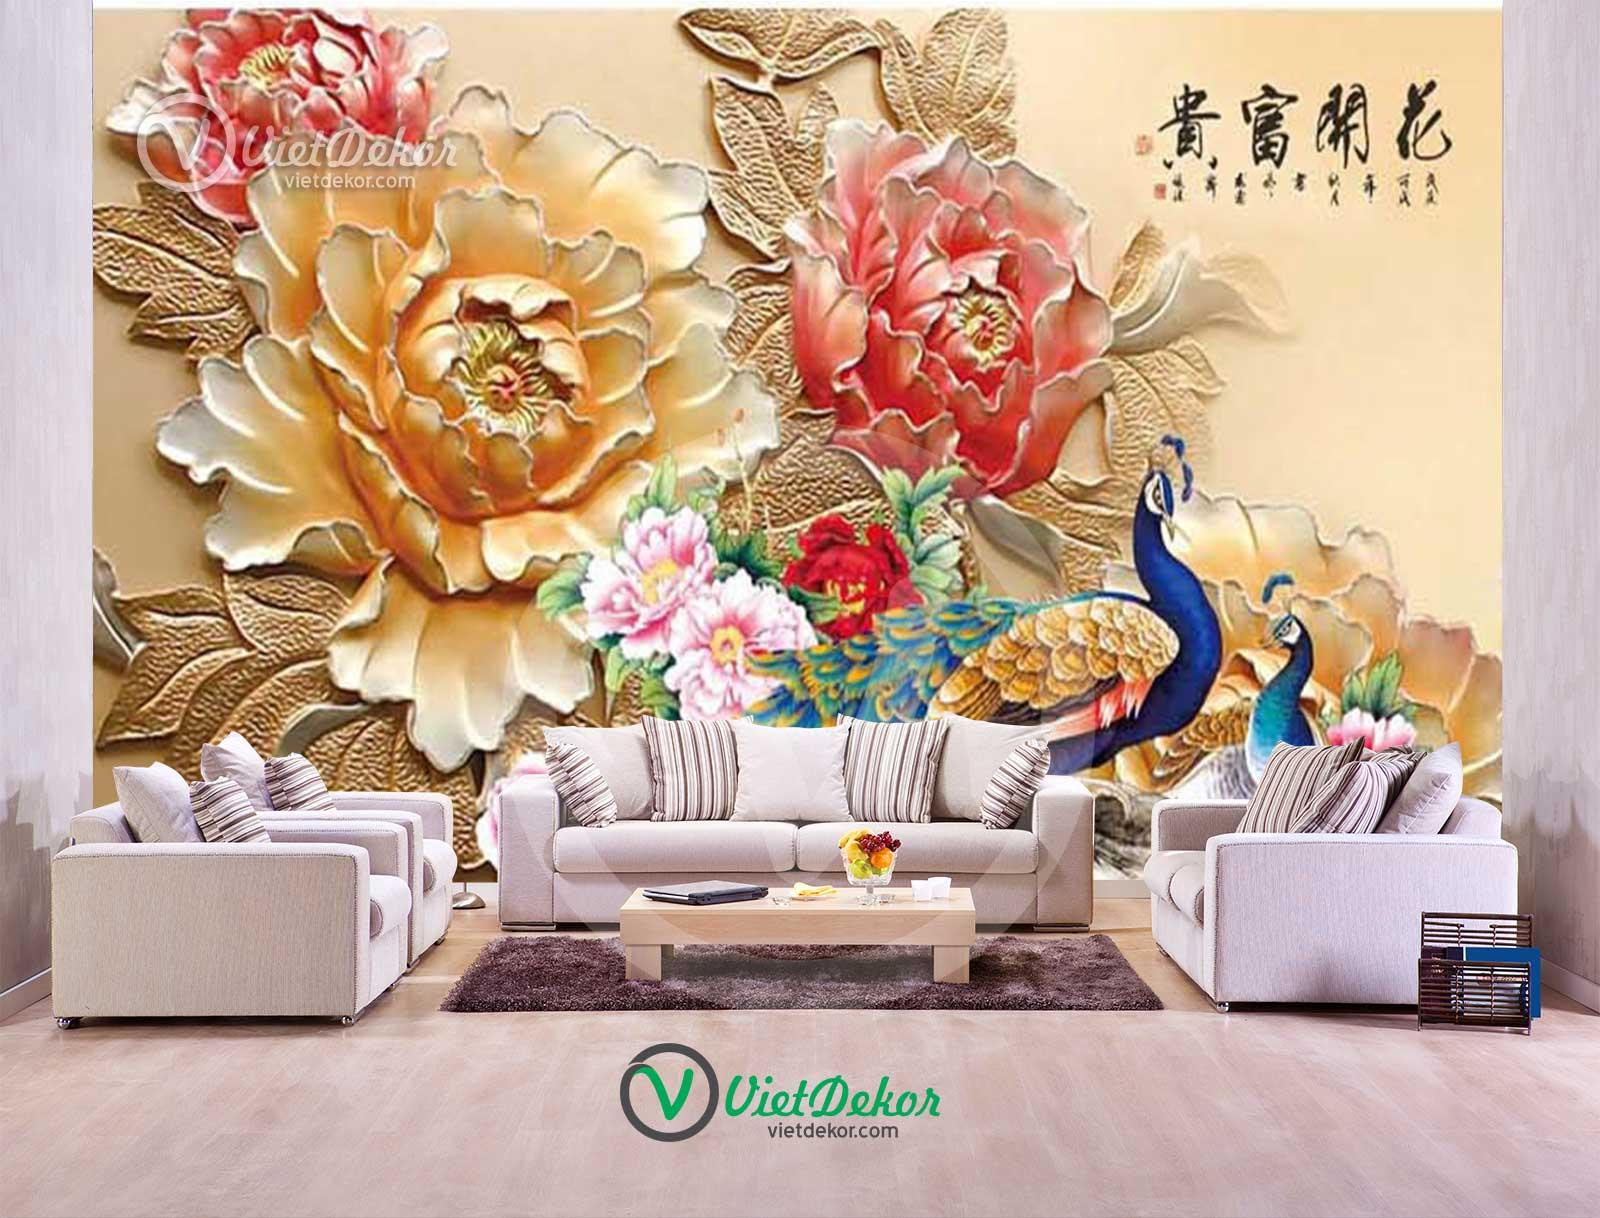 Tranh dán tường 3d khổng tước hoa mẫu đơn cho phòng khách đẹp